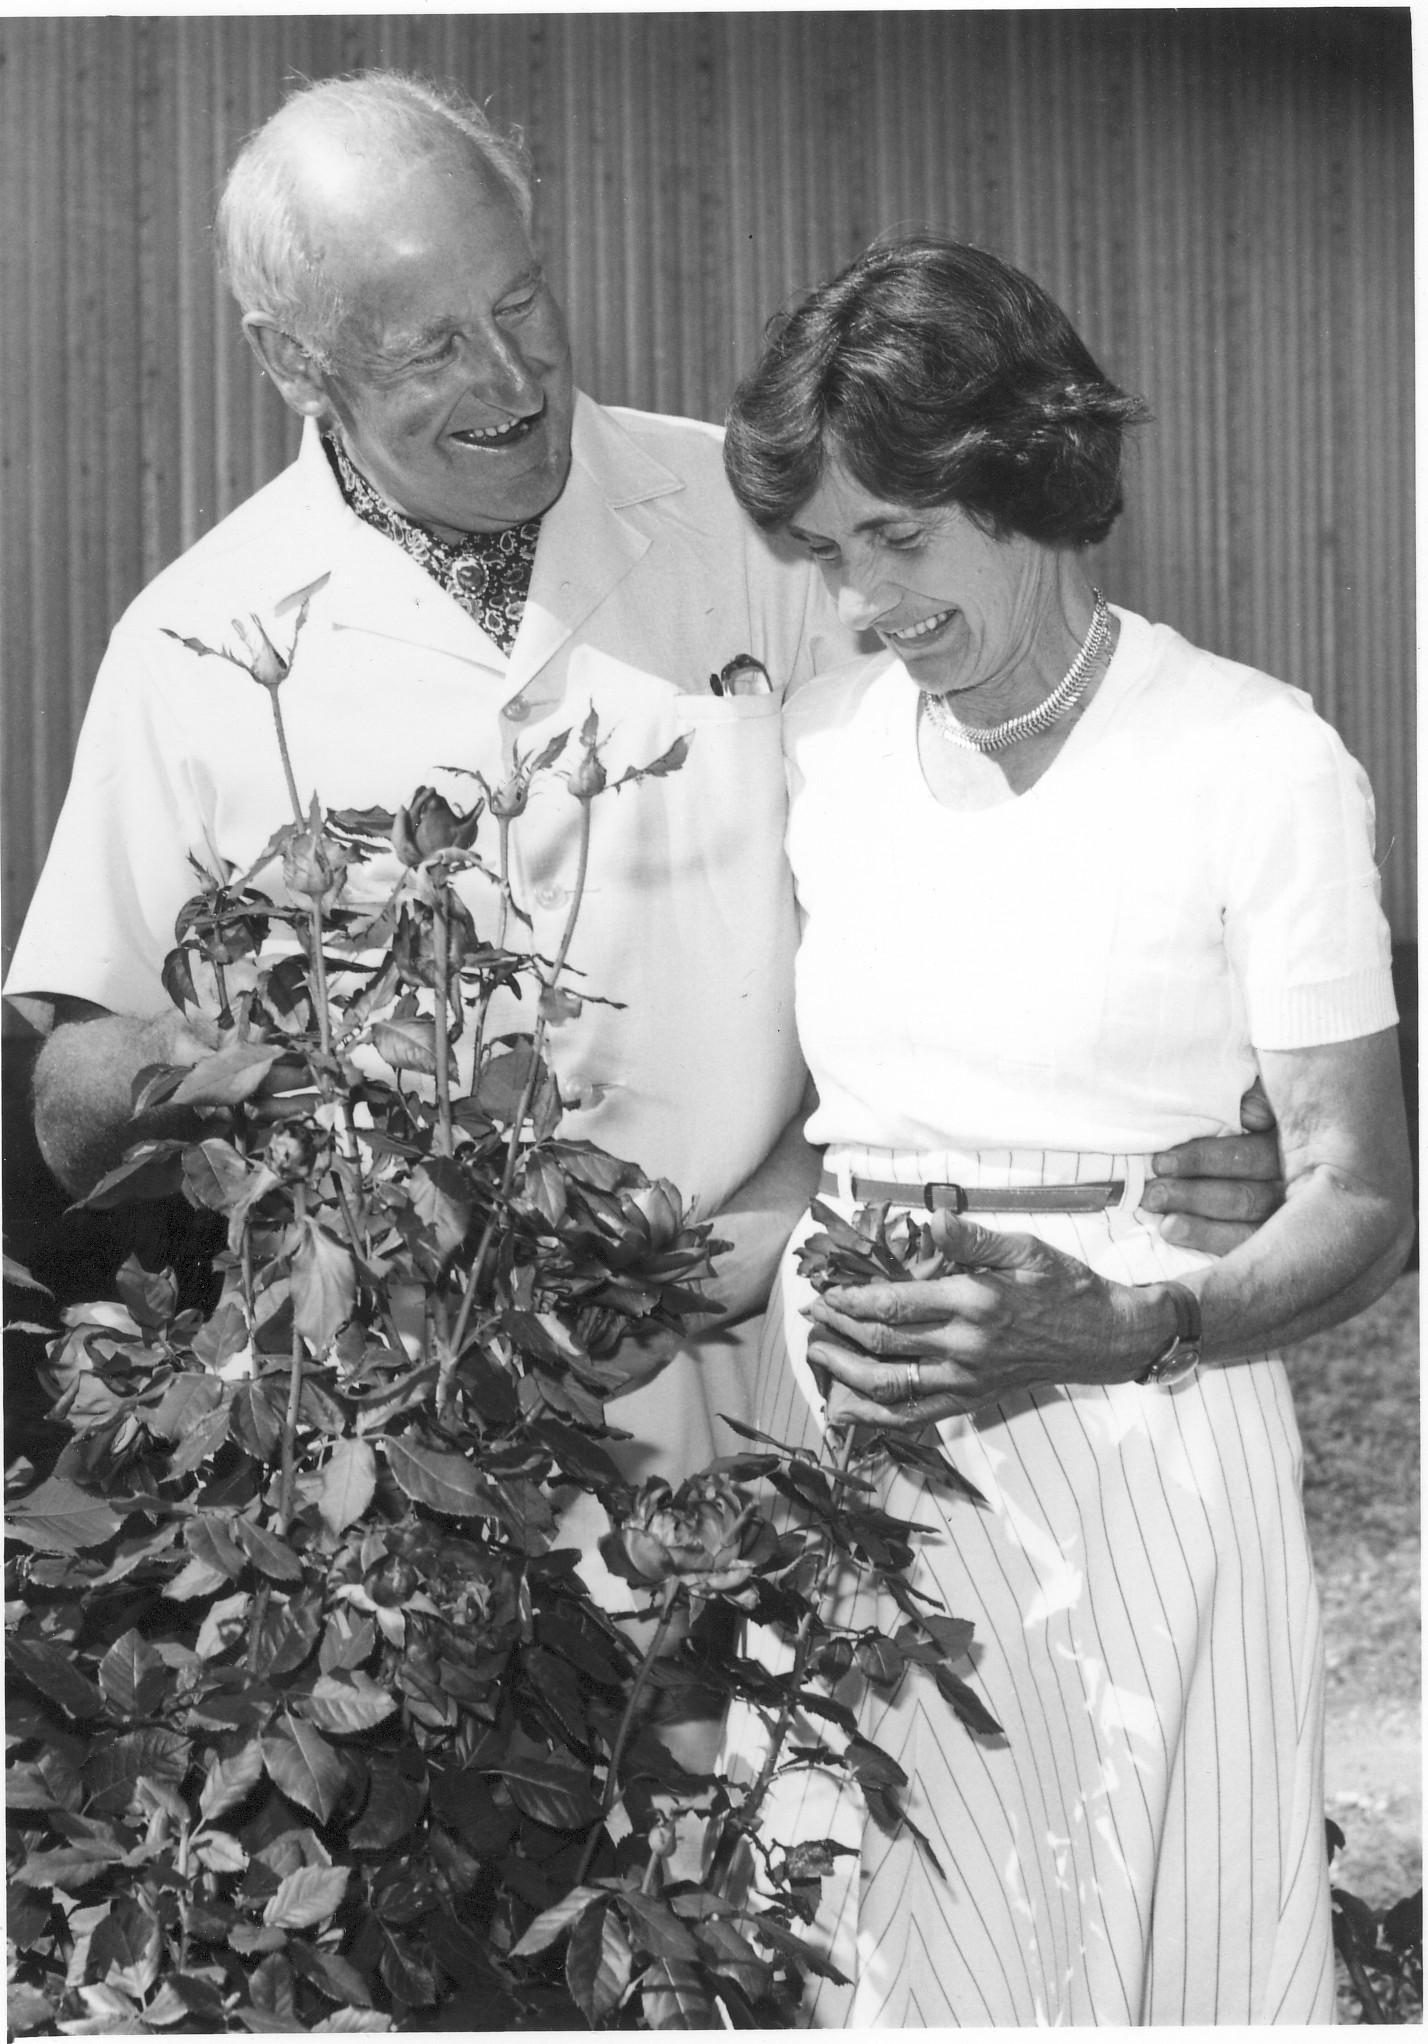 John C Brown and Patricia Brown